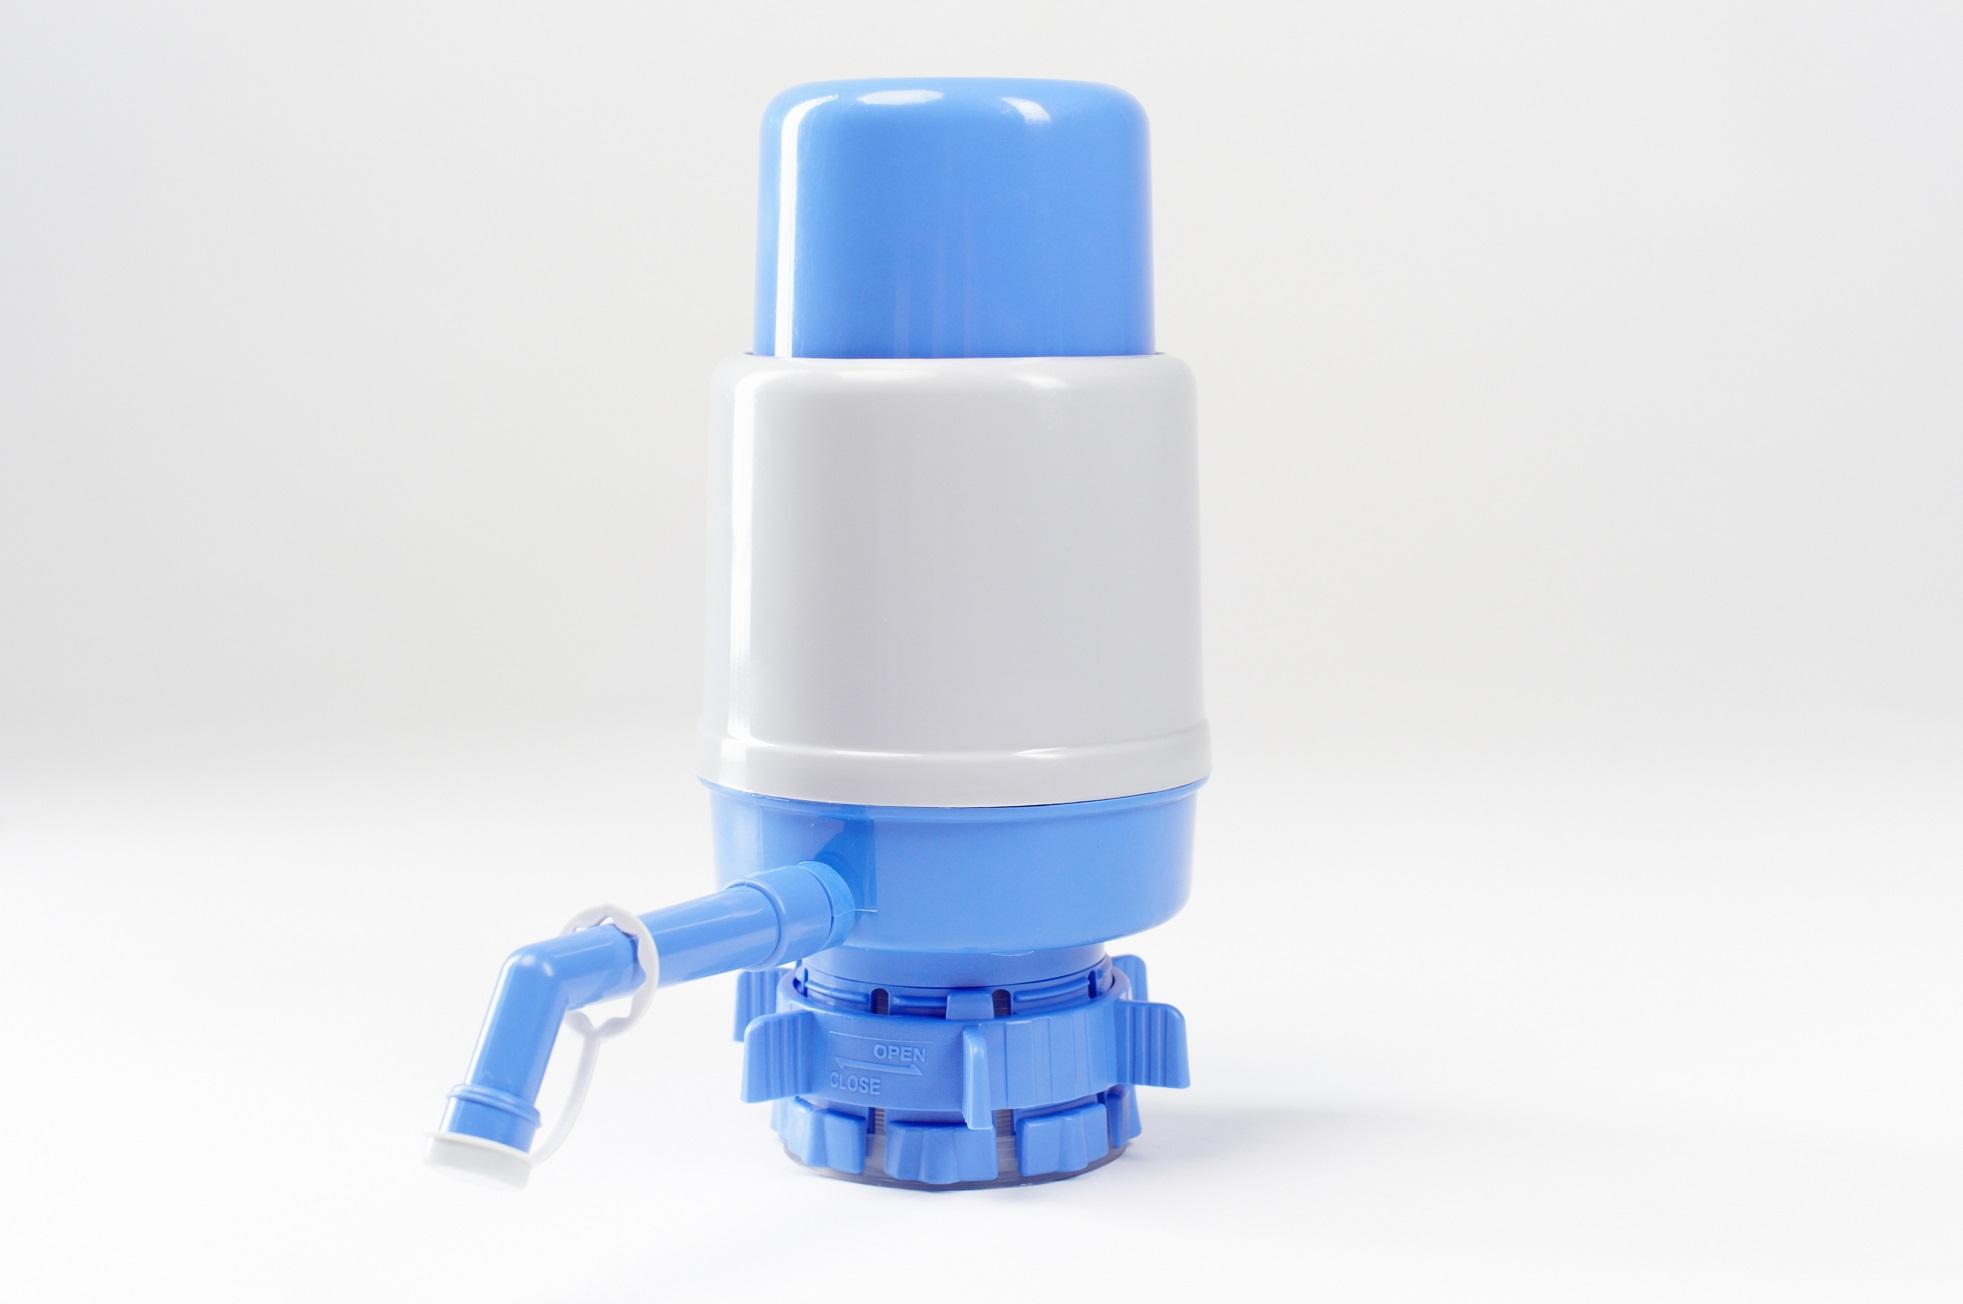 Помпа для воды в подарок чебоксары